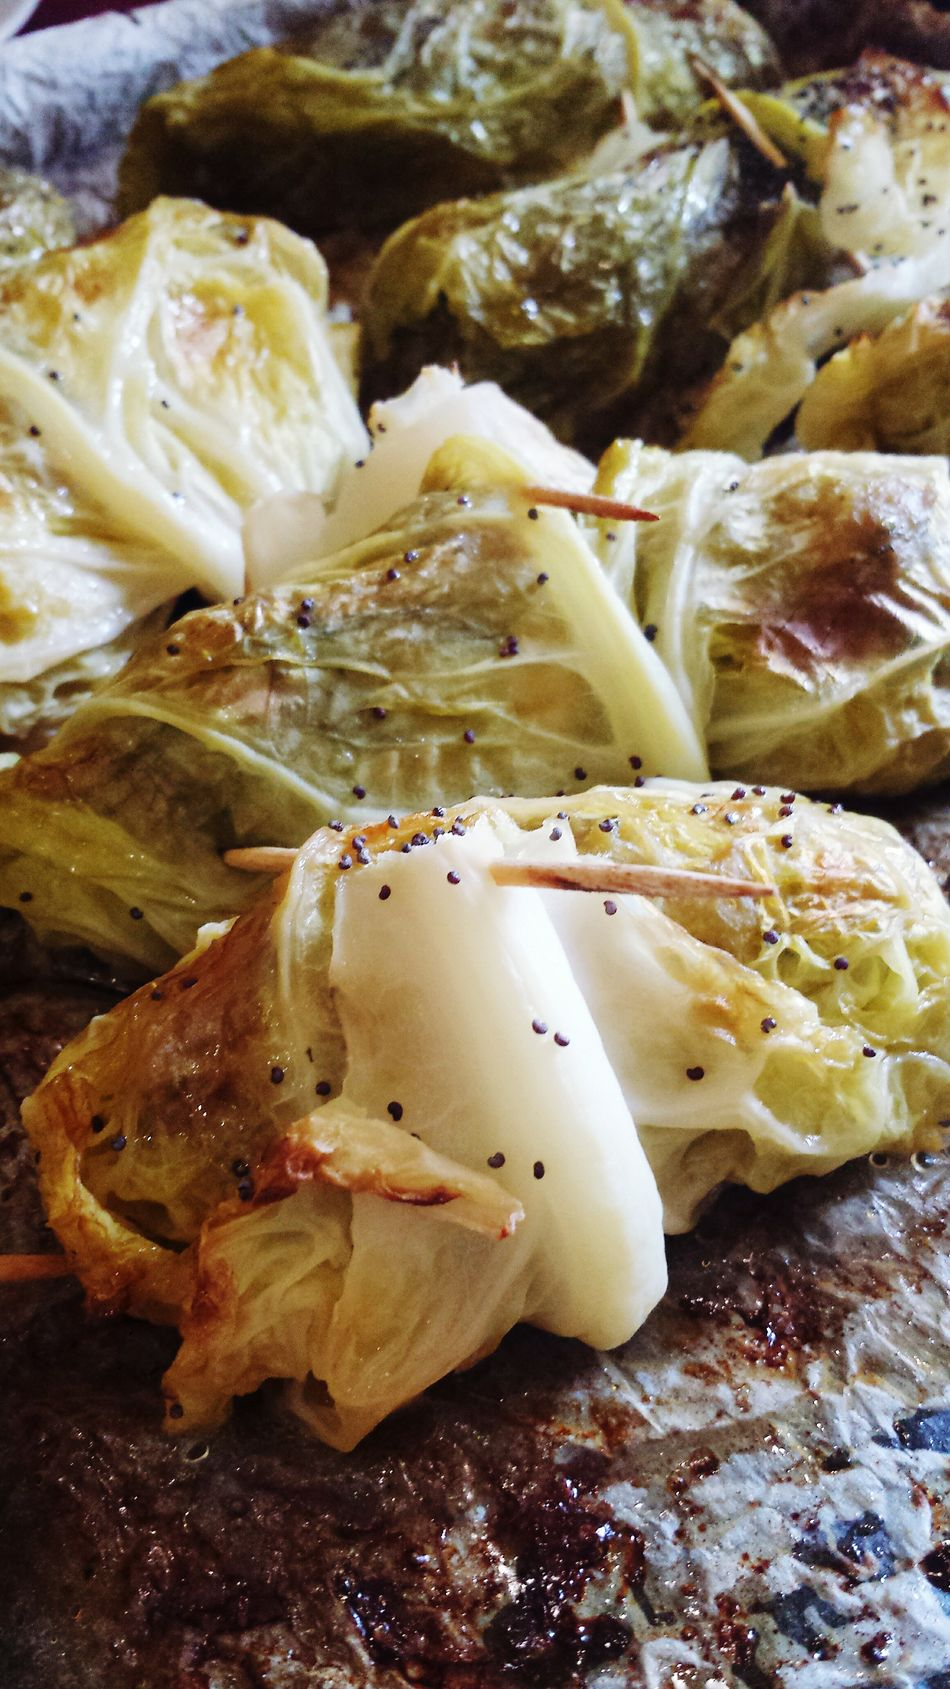 Food Porn Awards Autumn Flavor Savoy Cabbage Rolls Halloween Italian Food Enjoying A Meal